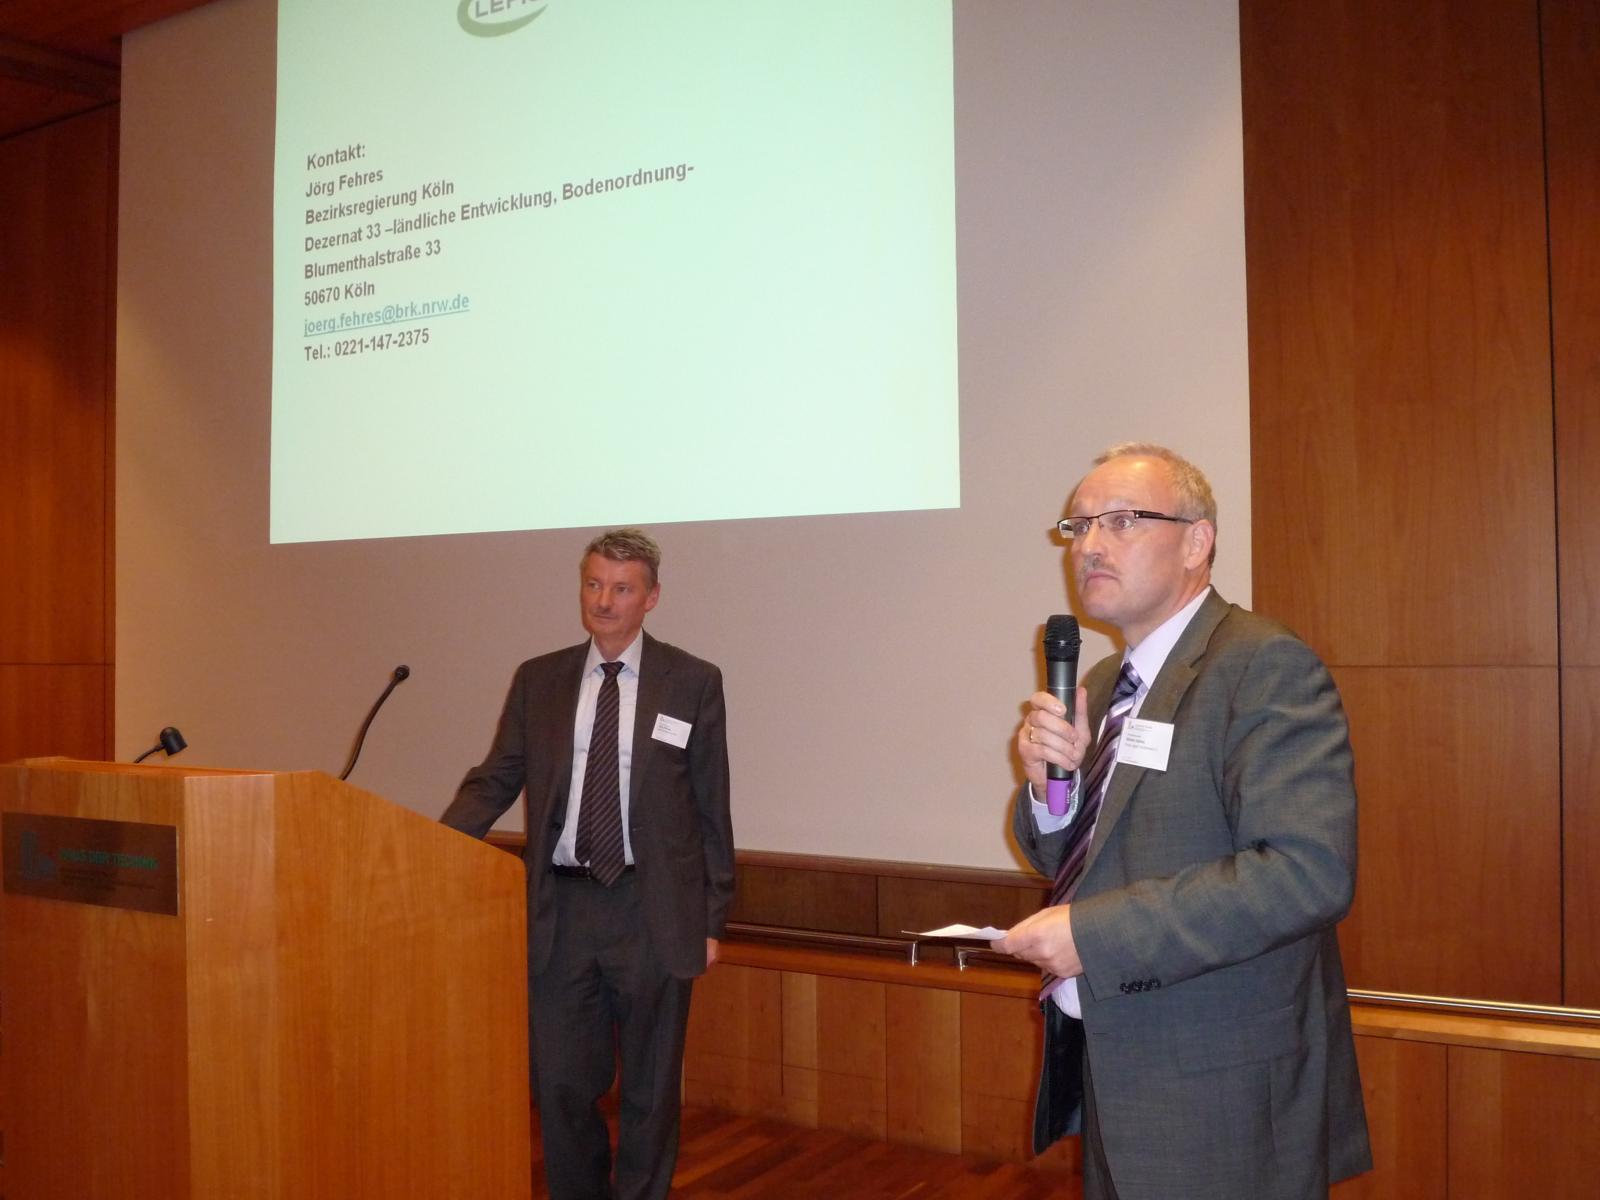 Jahrestagung Vermessungswesen aktuell 2010 des DVW NRW e.V.